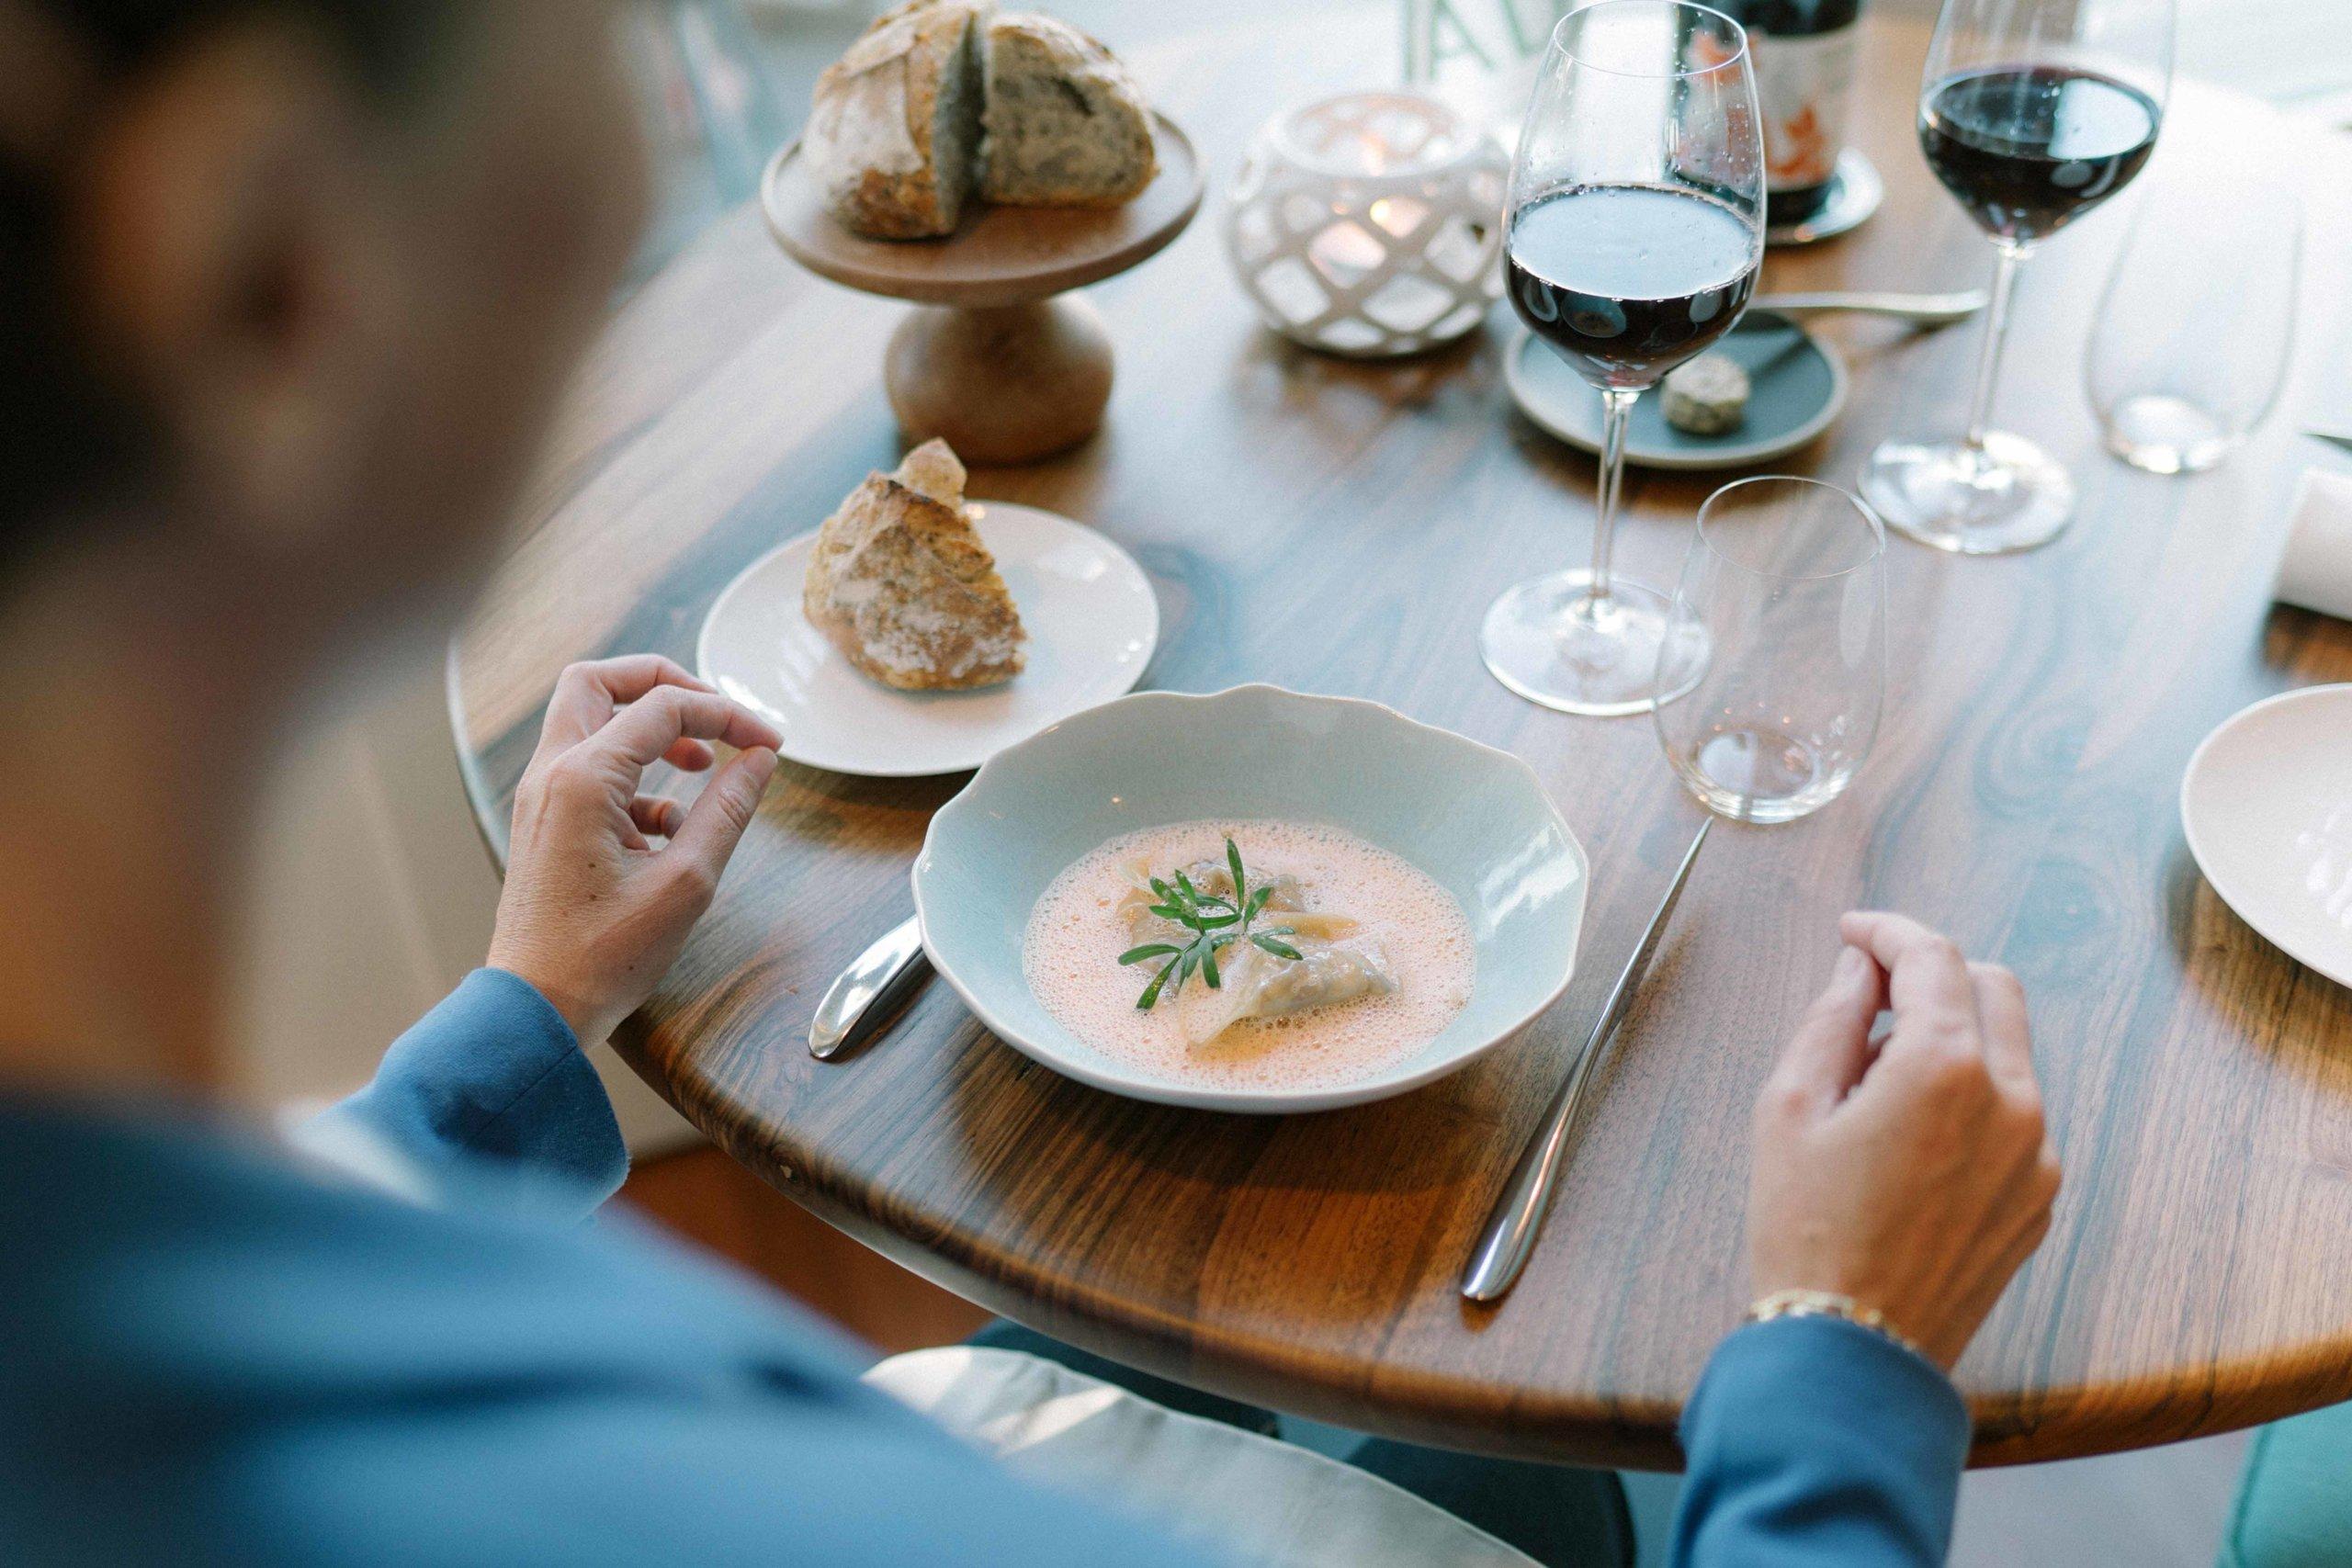 plat de langoustines sur table dressée avec miche de pain et verre de vin rouge